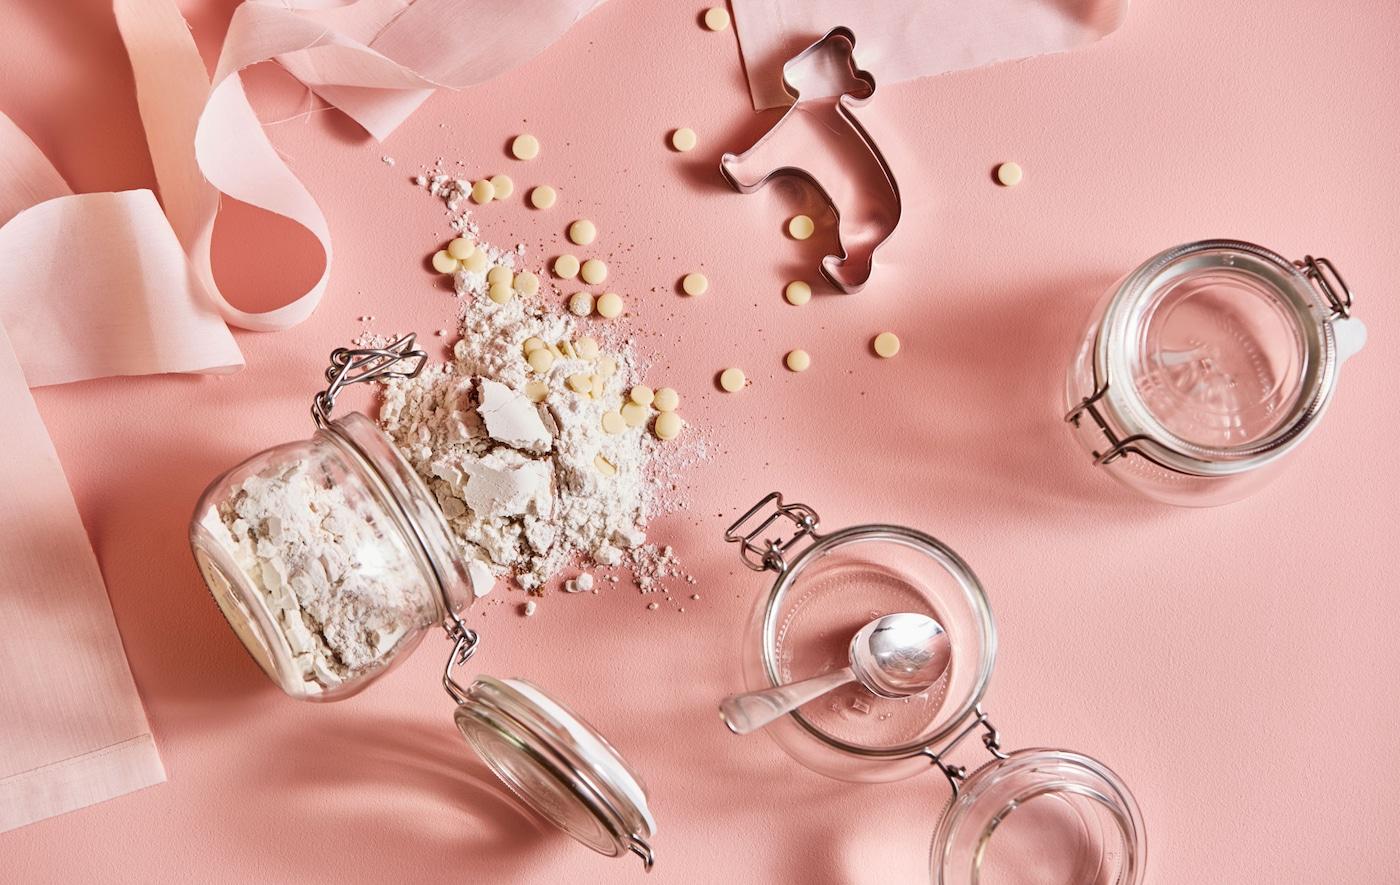 Keksteigzutaten in einem Einmachglas, leere Einmachgläser & Ausstechformen auf rosafarbenem Untergrund